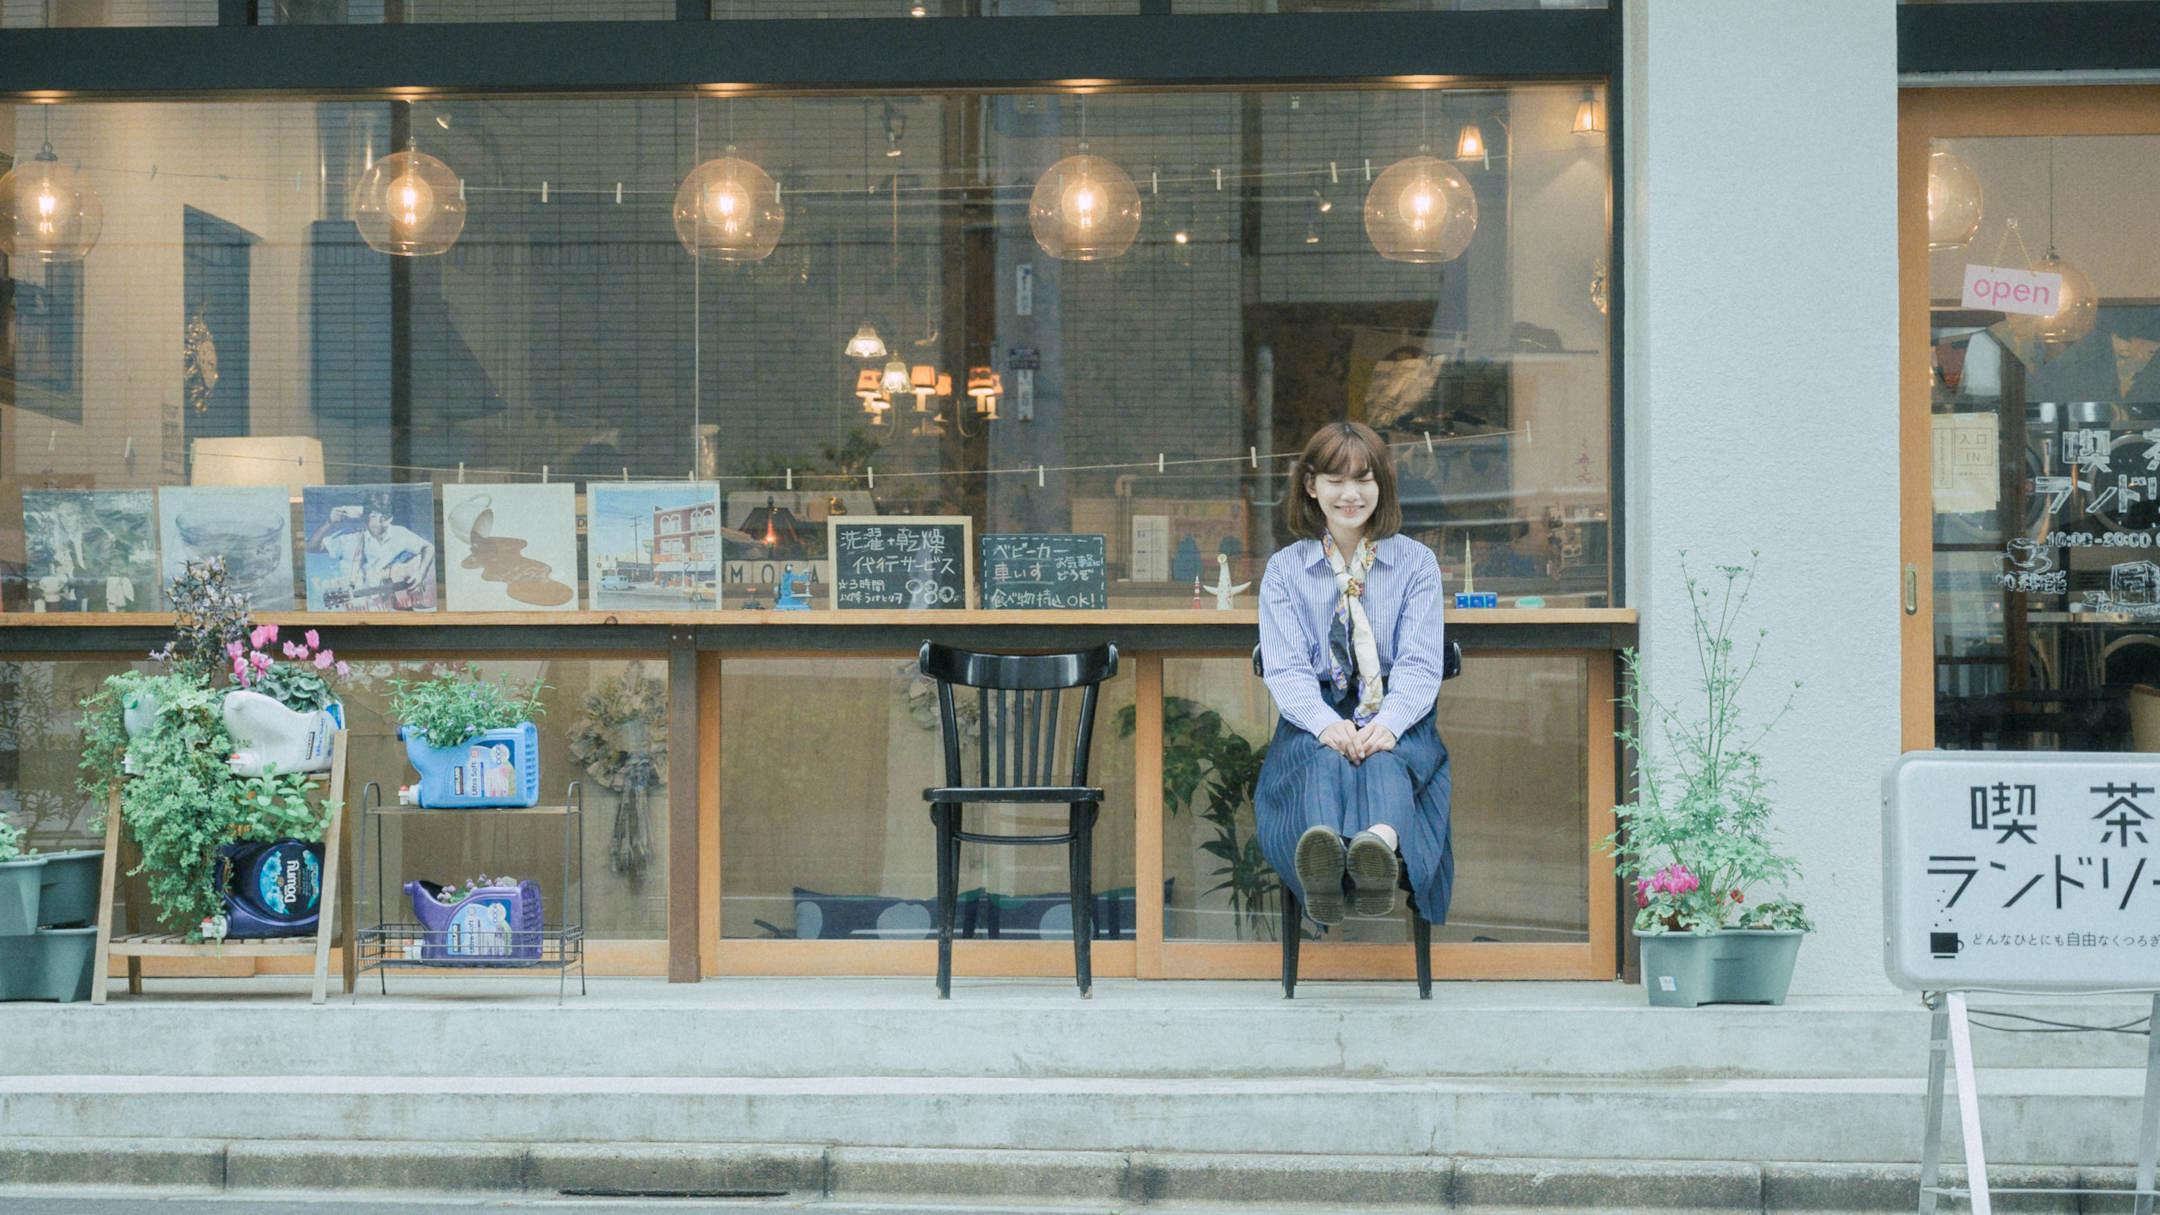 喫茶店?ランドリー?写真展やイベントもできる―自由なくつろぎ空間「喫茶ランドリー」